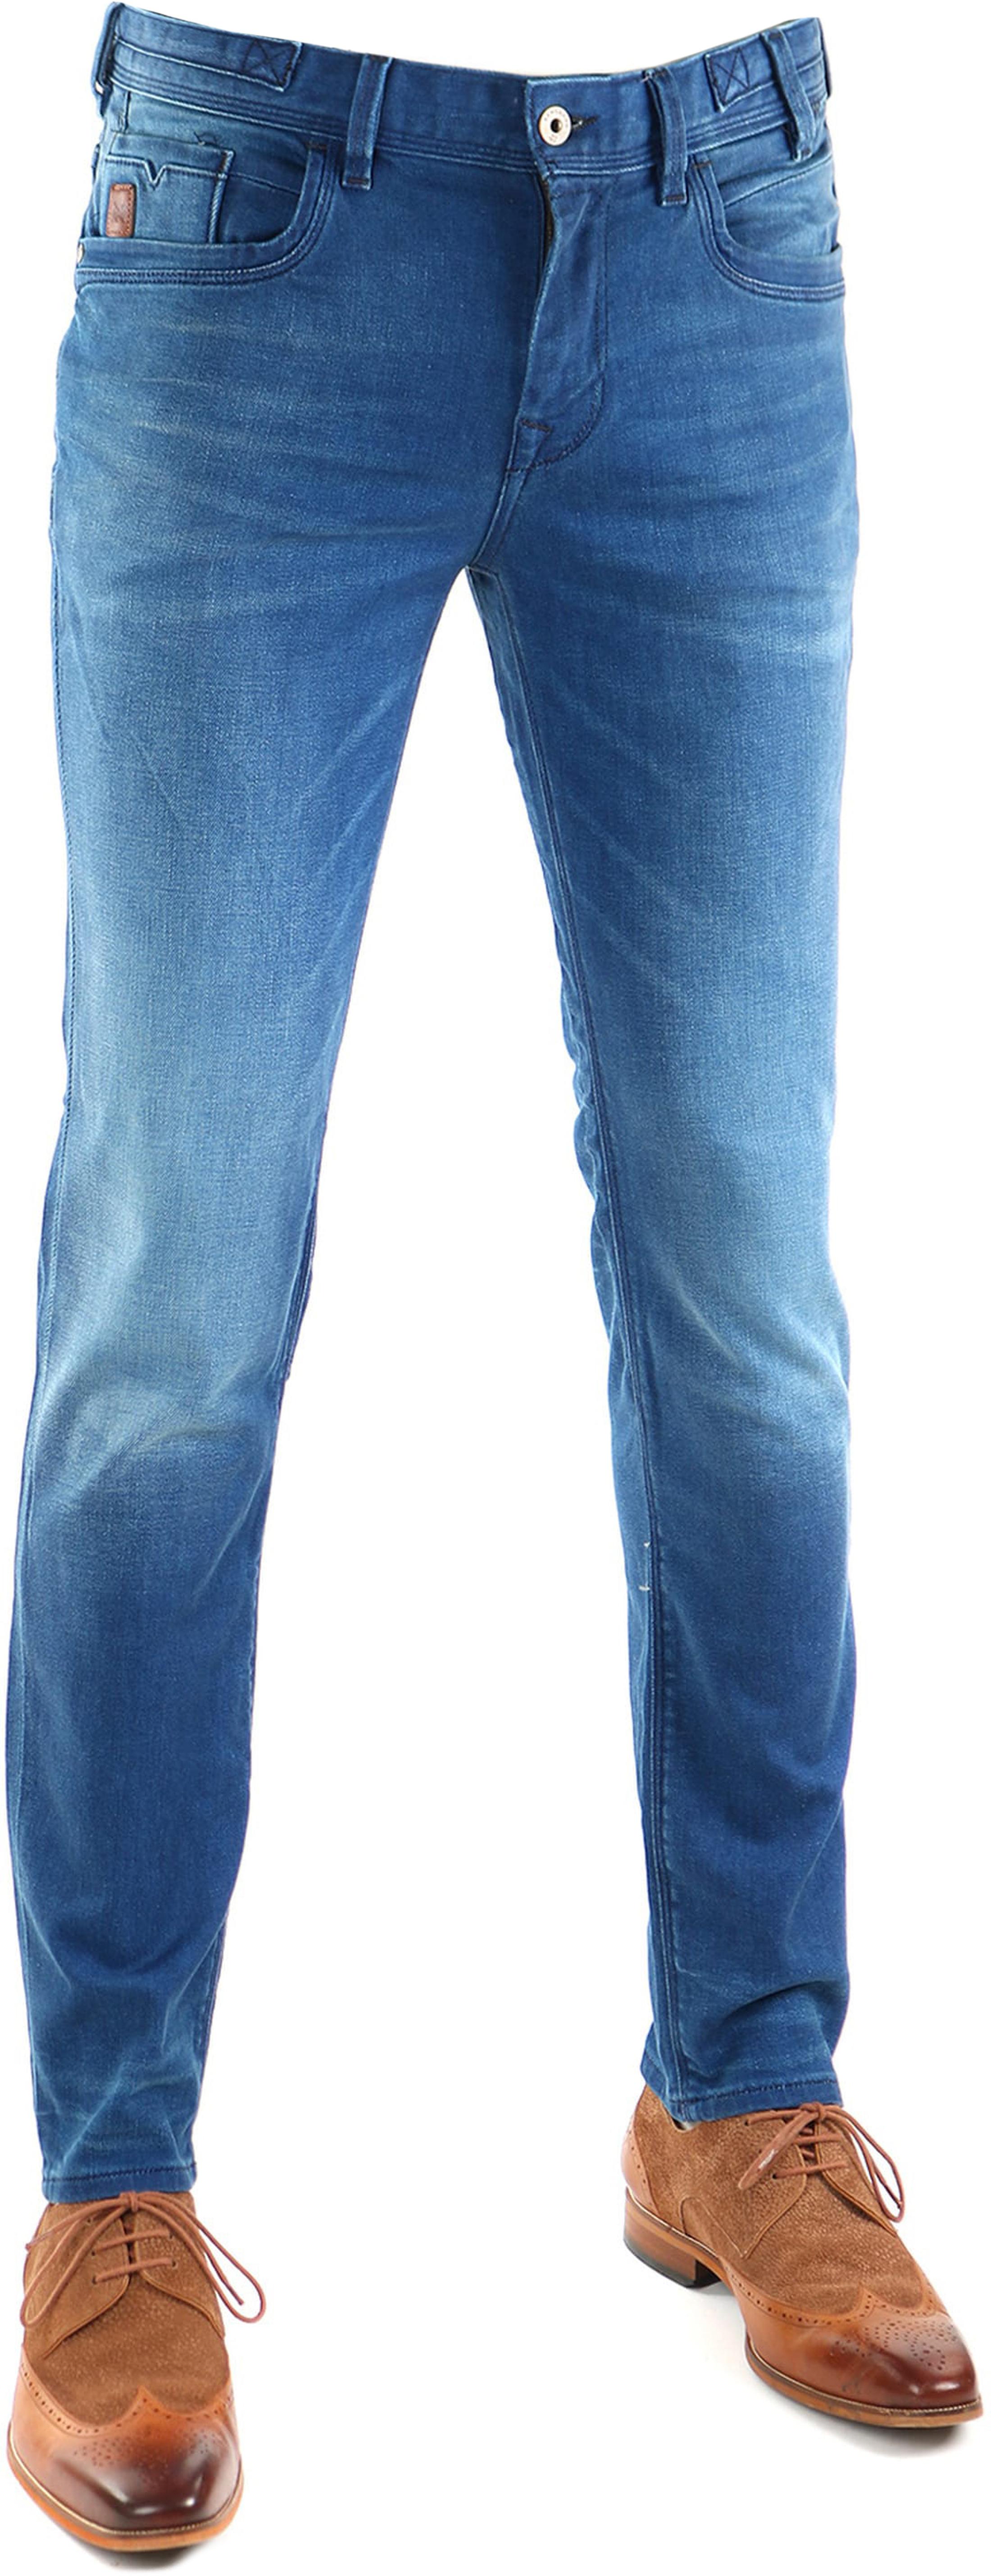 Vanguard V8 Racer Jeans Blue foto 0